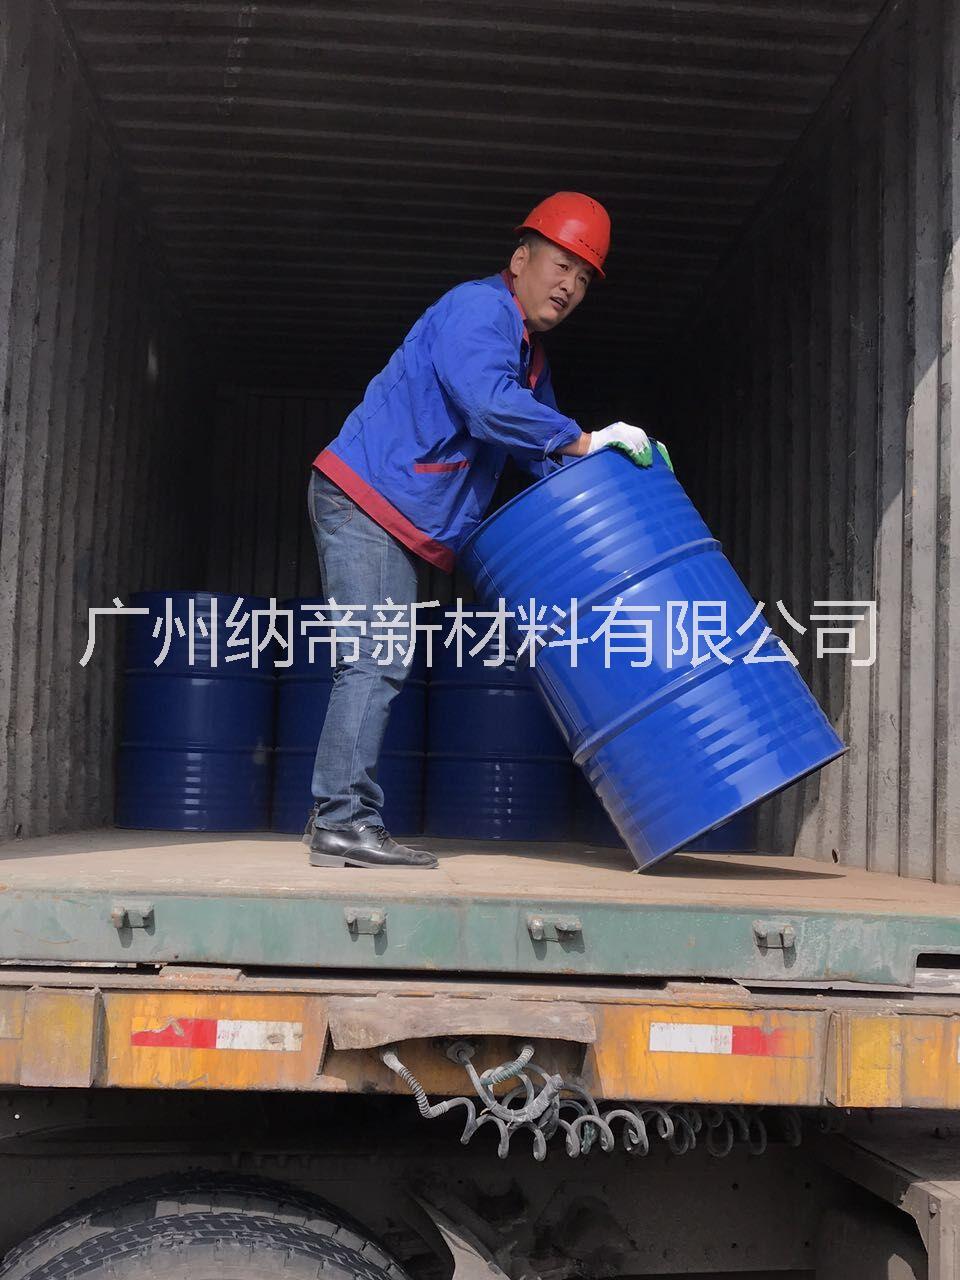 6110聚酯树脂 高分子含量适用面漆 油墨印刷类似于SK-110  TOYOBO-103  EVONIK-210